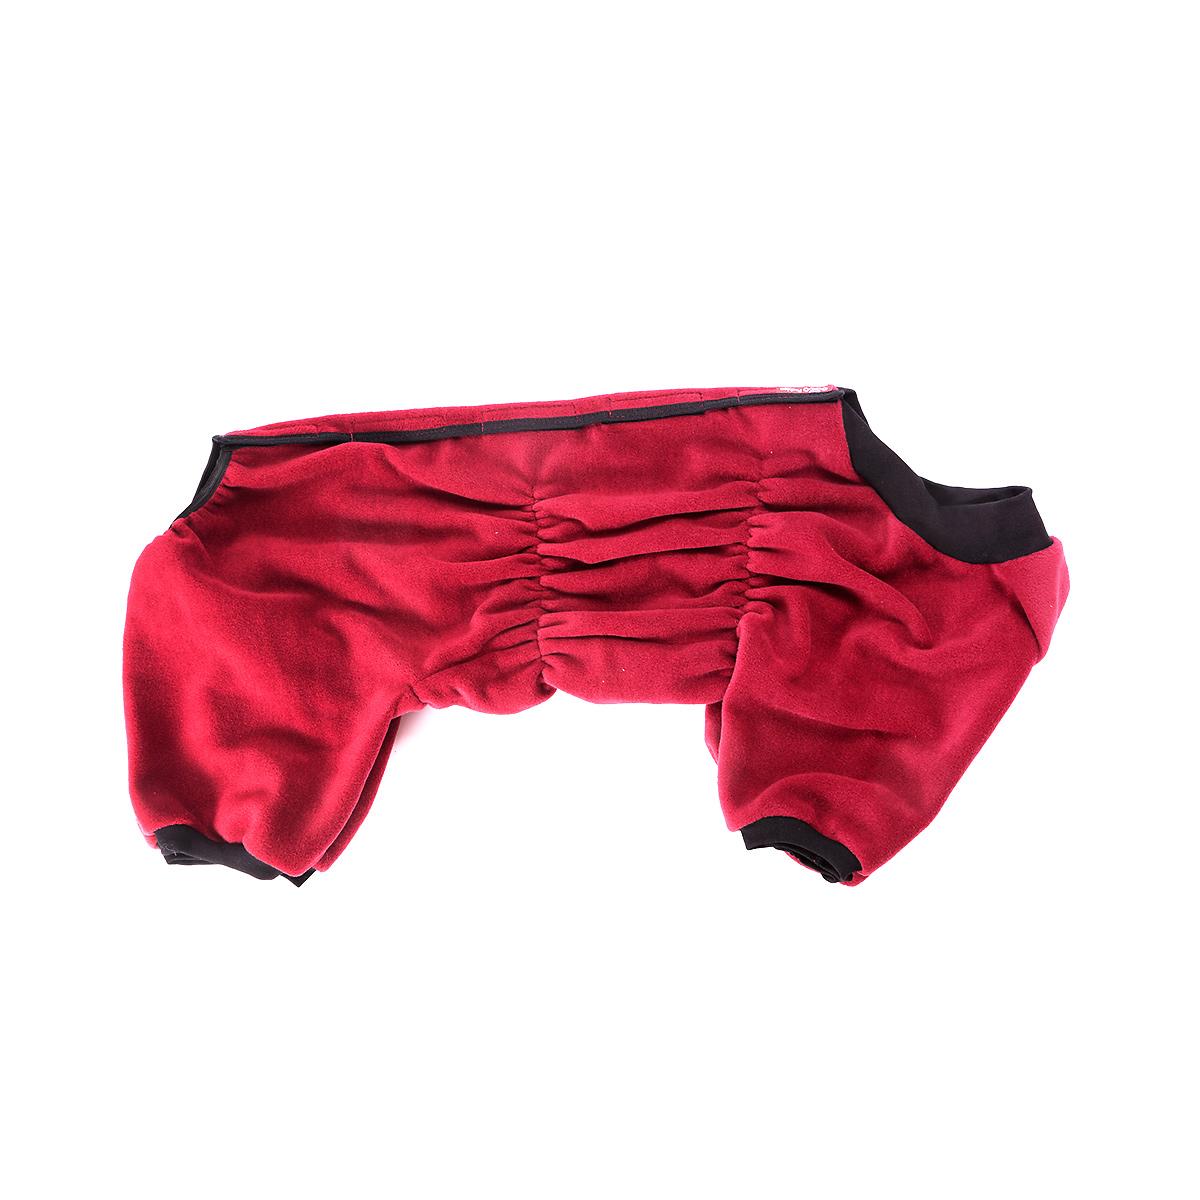 Комбинезон для собак OSSO Fashion, для девочки, цвет: бордовый. Размер 50Кф-1017Комбинезон для собак OSSO Fashion выполнен из флиса. Комфортная посадка по корпусу достигается за счет резинок-утяжек под грудью и животом. На воротнике имеются завязки, для дополнительной фиксации. Можно носить самостоятельно и как поддевку под комбинезон для собак. Изделие отлично стирается, быстро сохнет.Длина спинки: 50 см.Объем груди: 58-82 см.